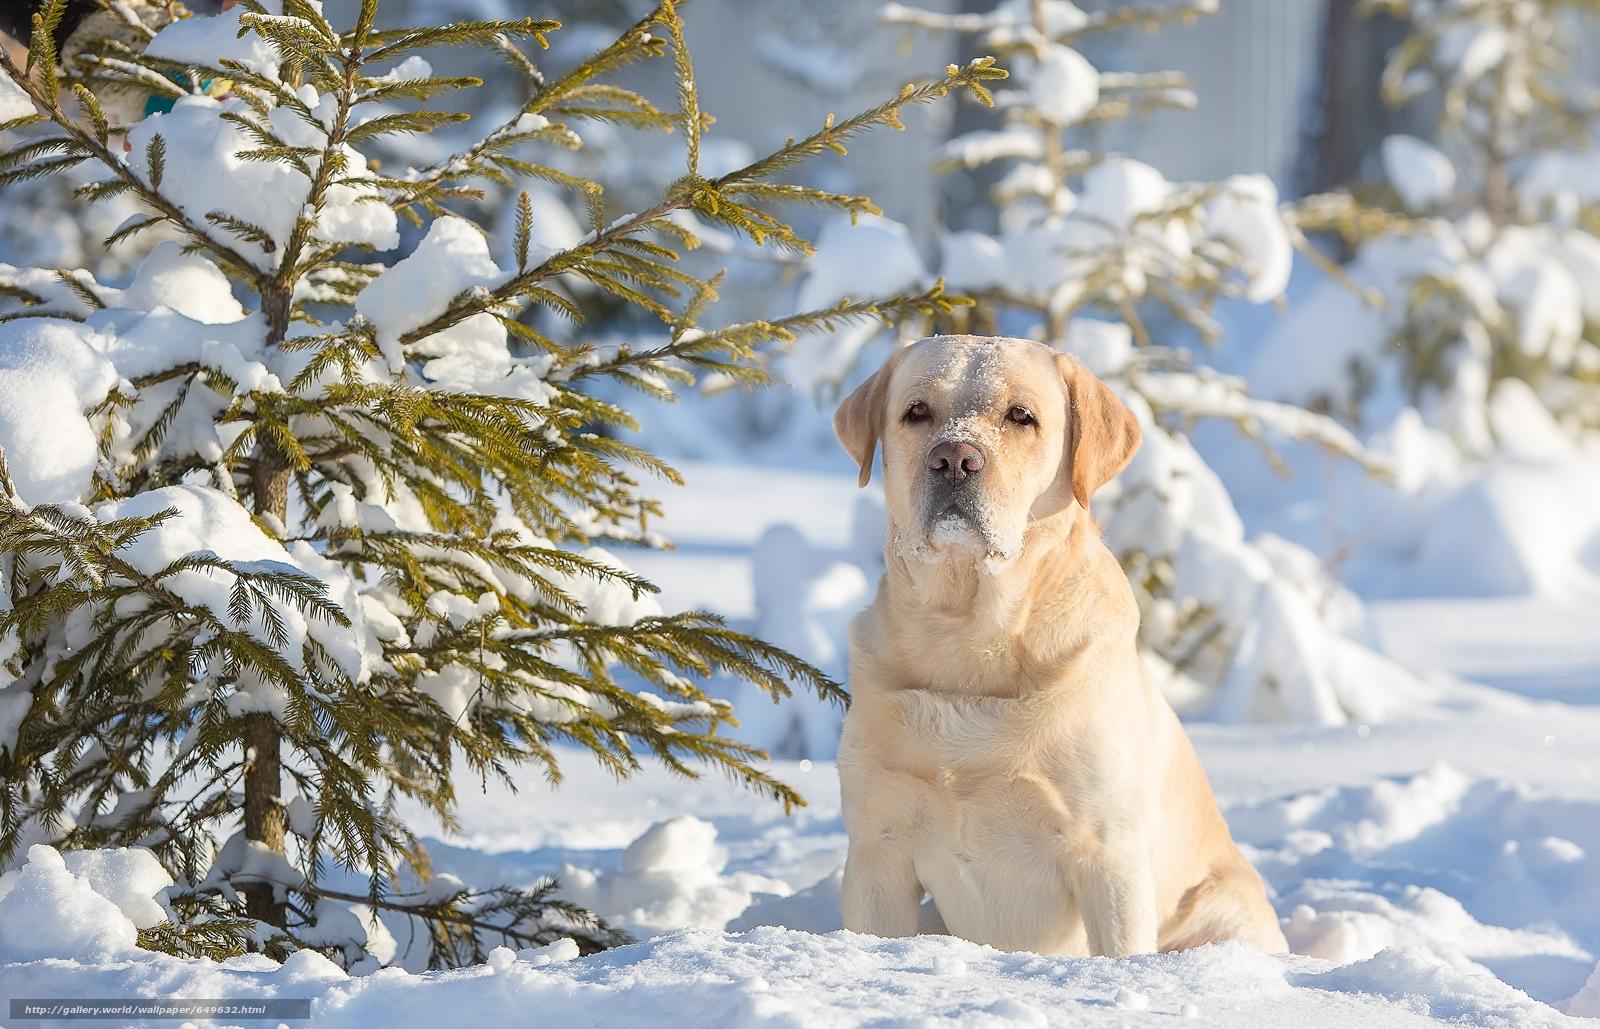 Скачать обои Лабрадор-ретривер,  собака,  пёс,  зима бесплатно для рабочего стола в разрешении 5004x3217 — картинка №649632